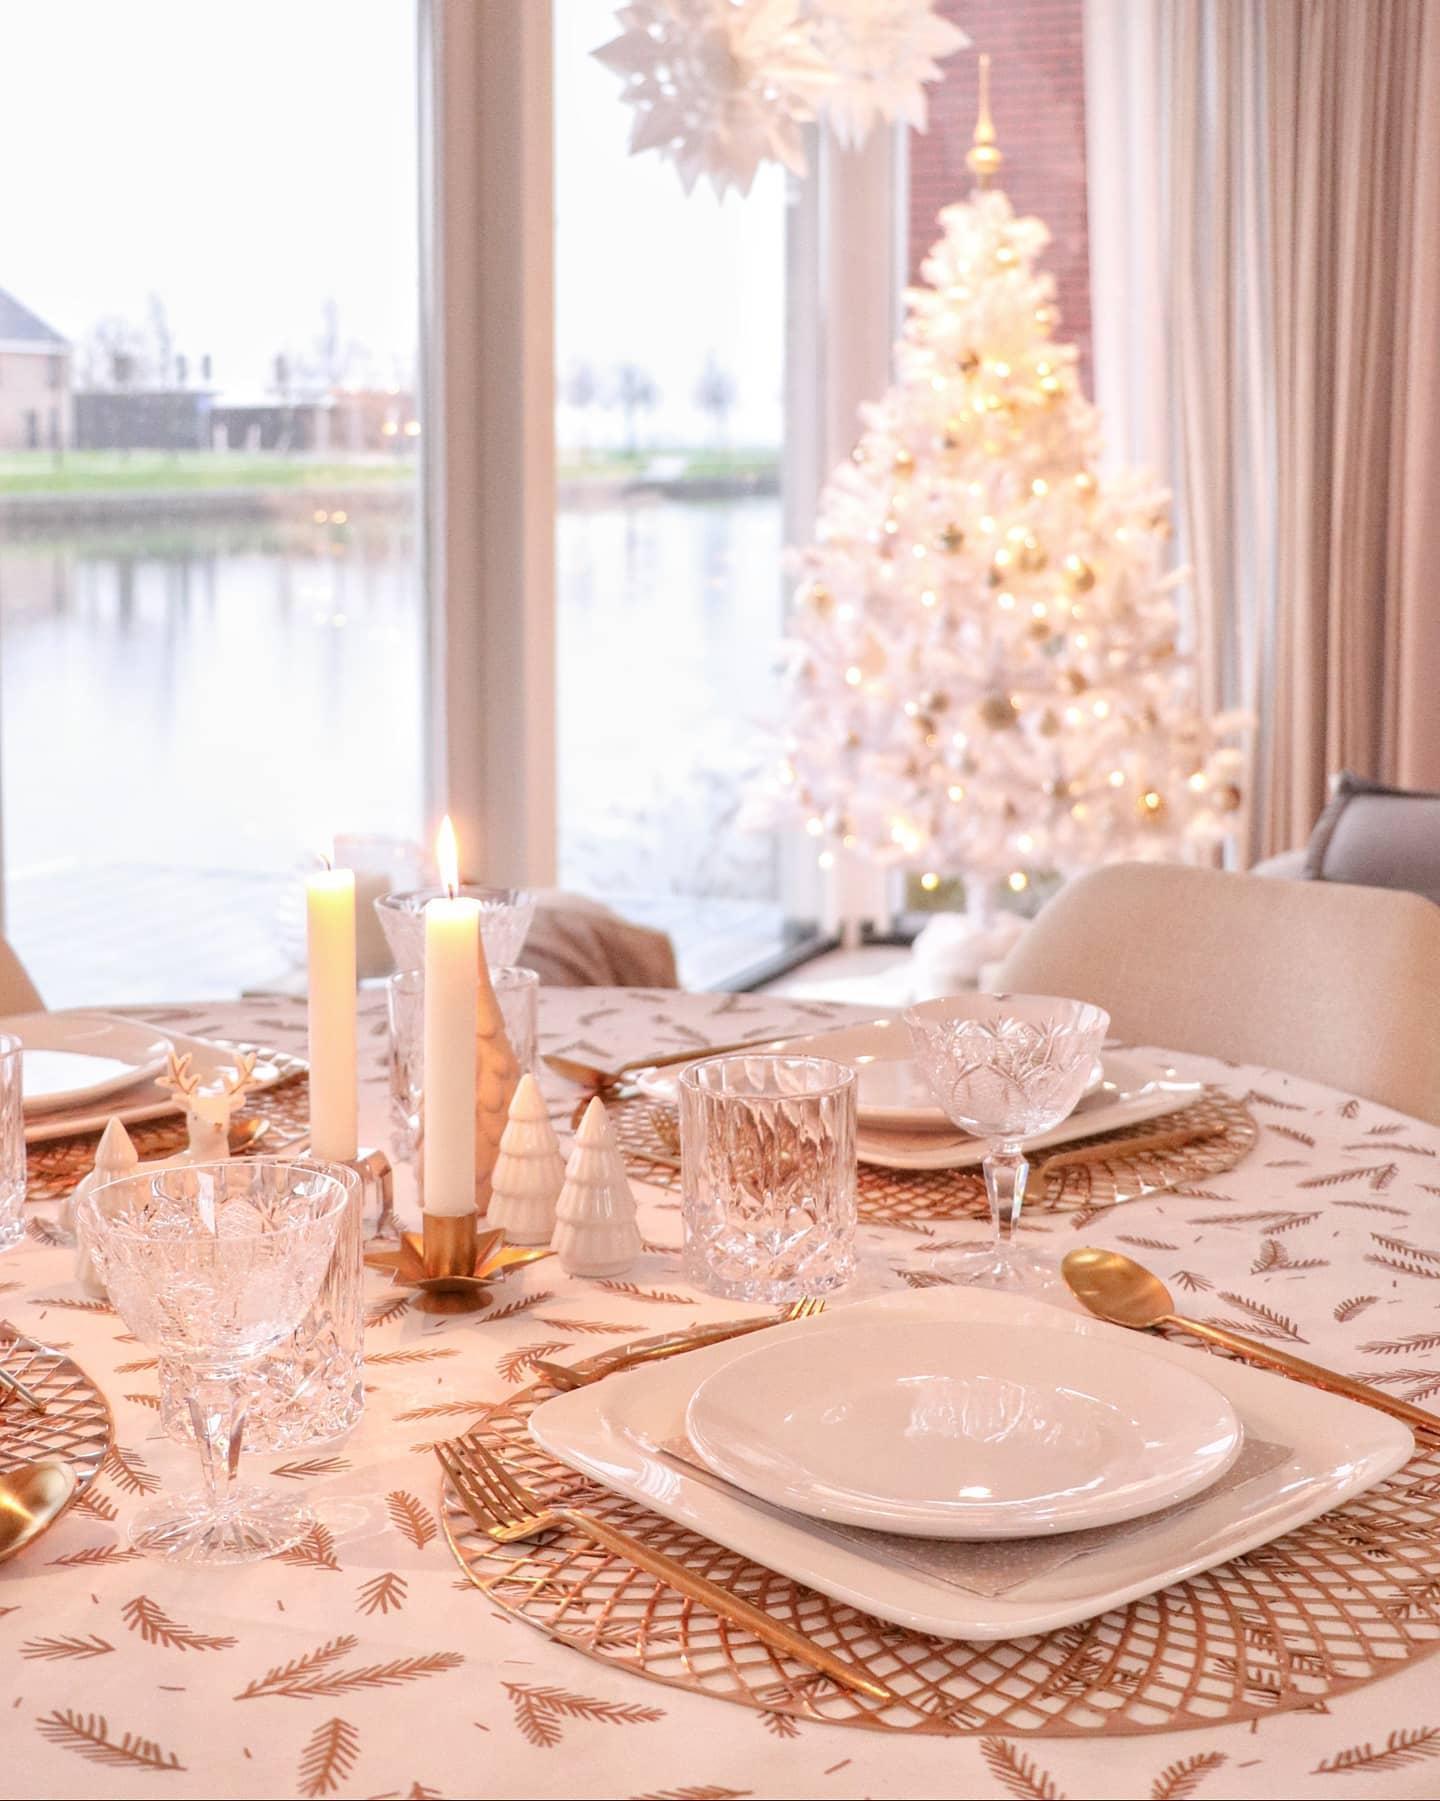 JAsna jadalnia z wigilijnym stołem z białą cjoinką w tle